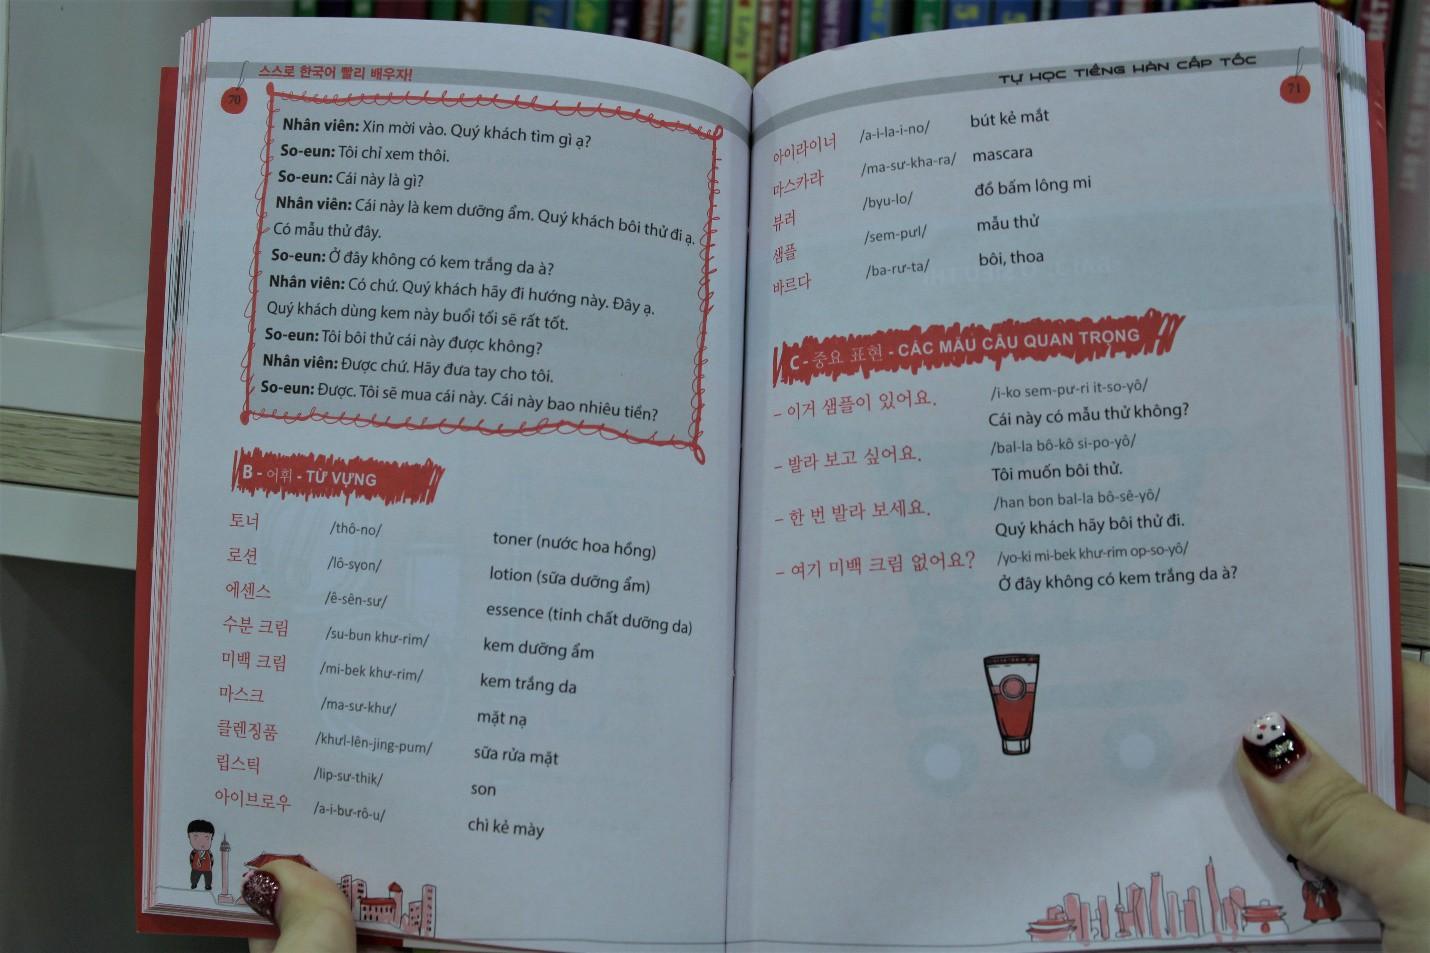 Cuốn sách giúp bạn tự học tiếng Hàn cấp tốc mà vẫn hiệu quả - Ảnh 3.